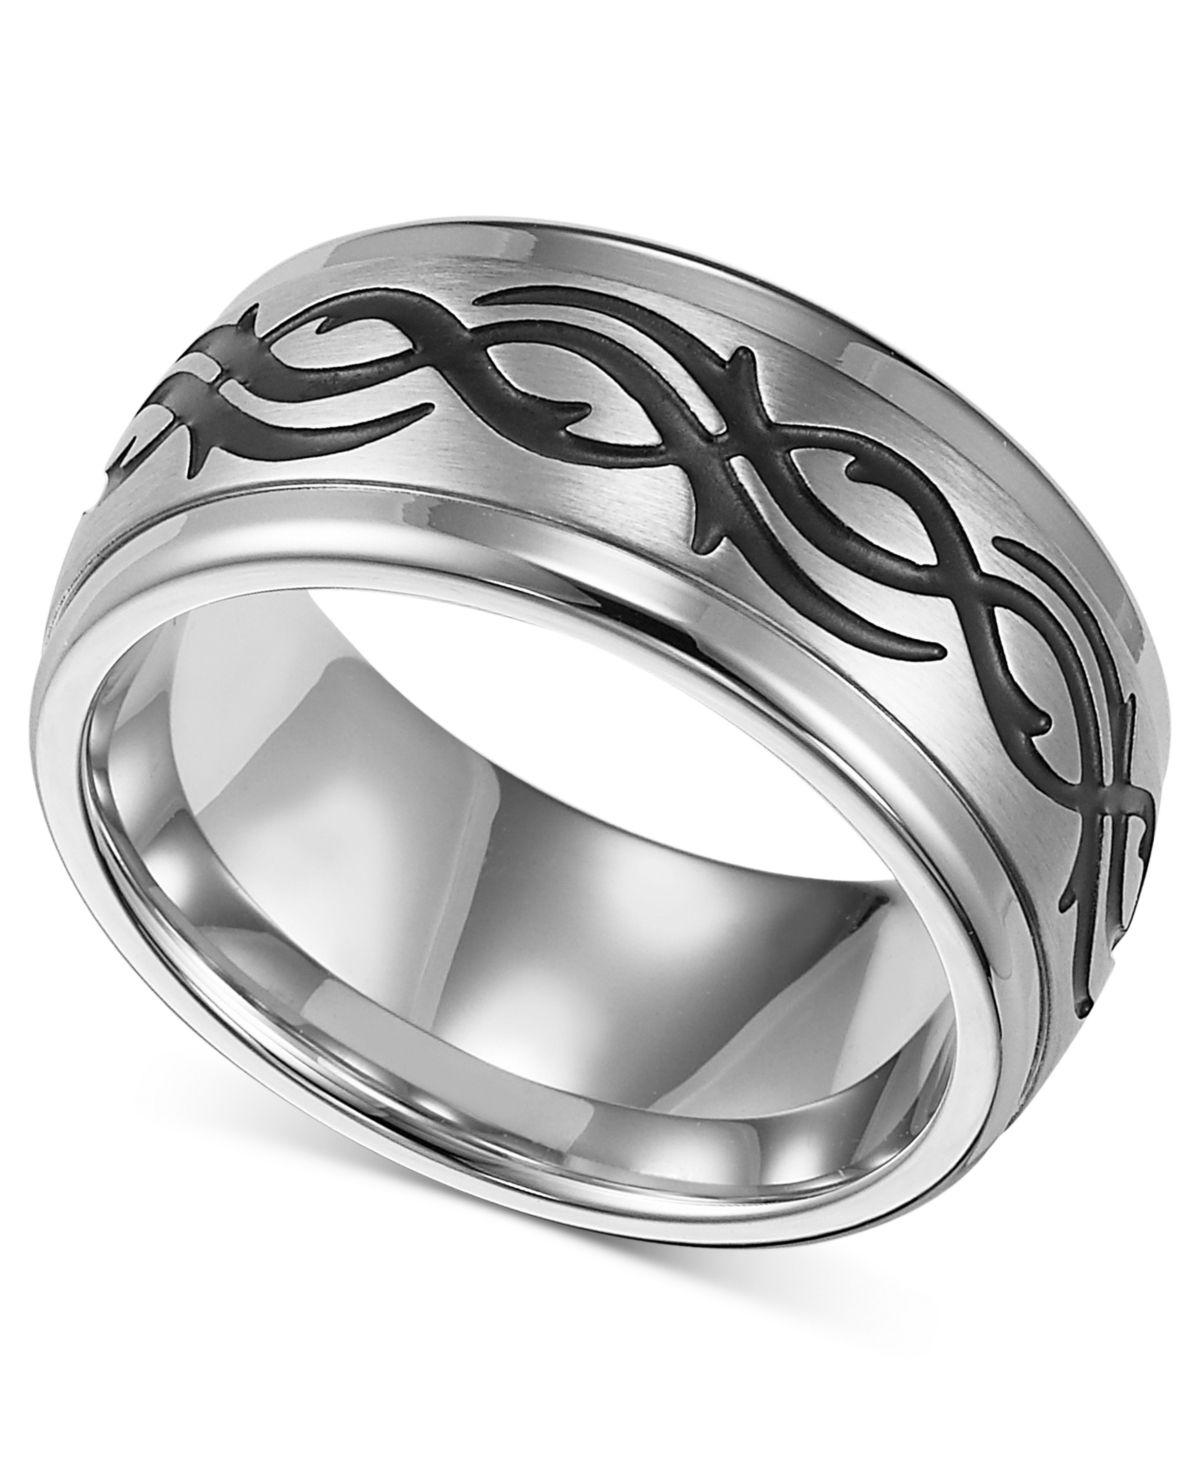 Triton Men's Stainless Steel Ring, Black Design Wedding